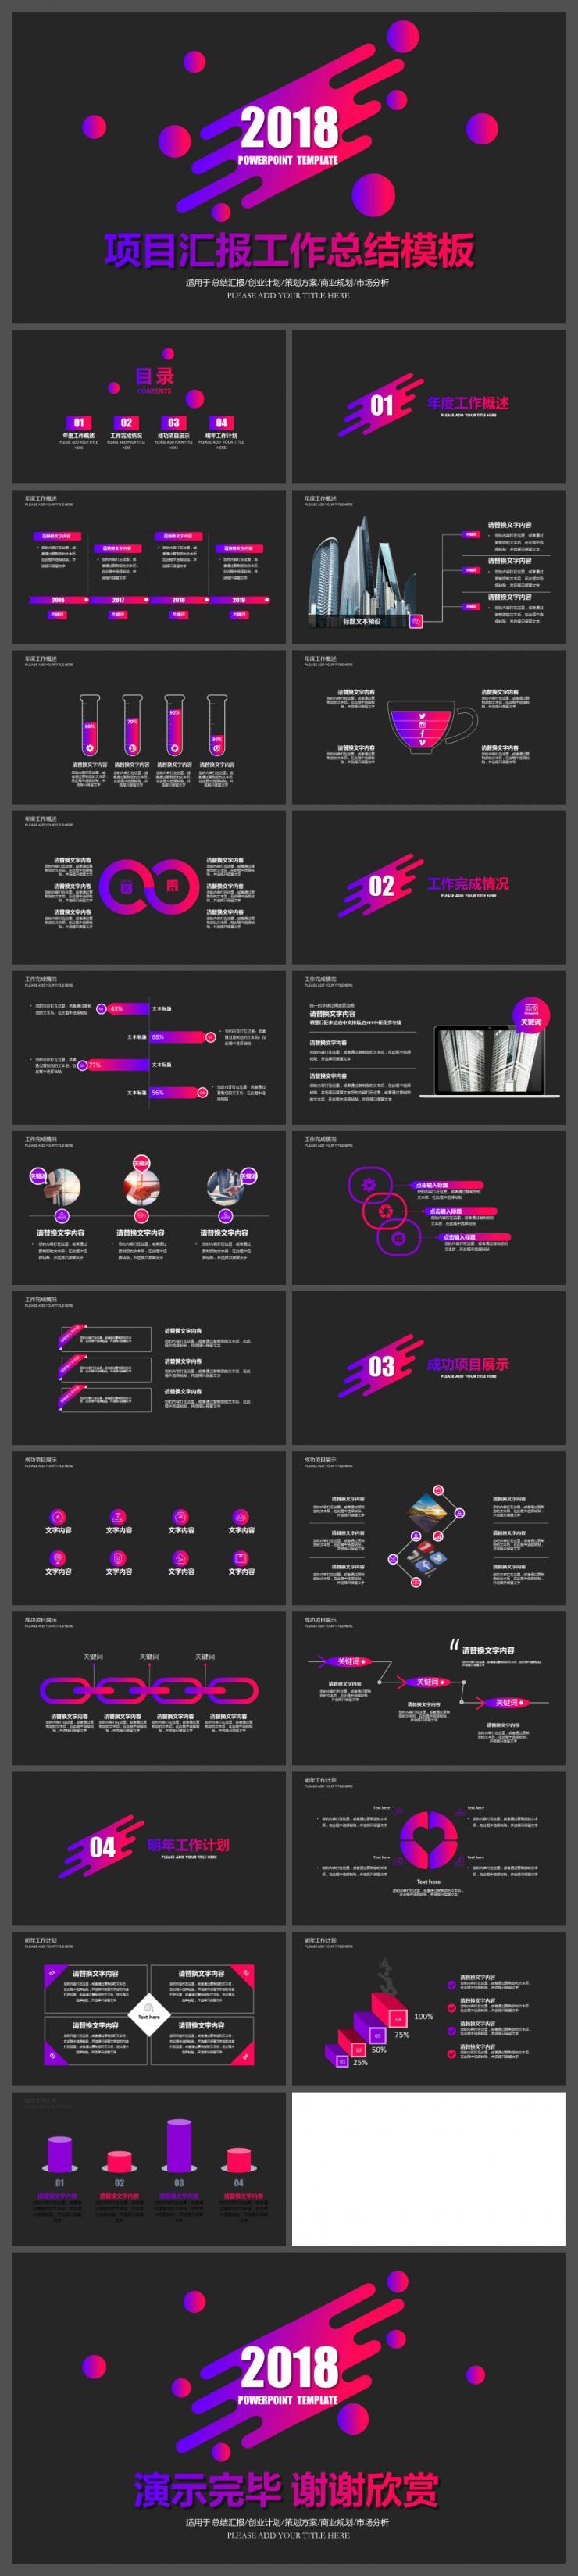 时尚酷炫项目工作总结汇报PPT模板